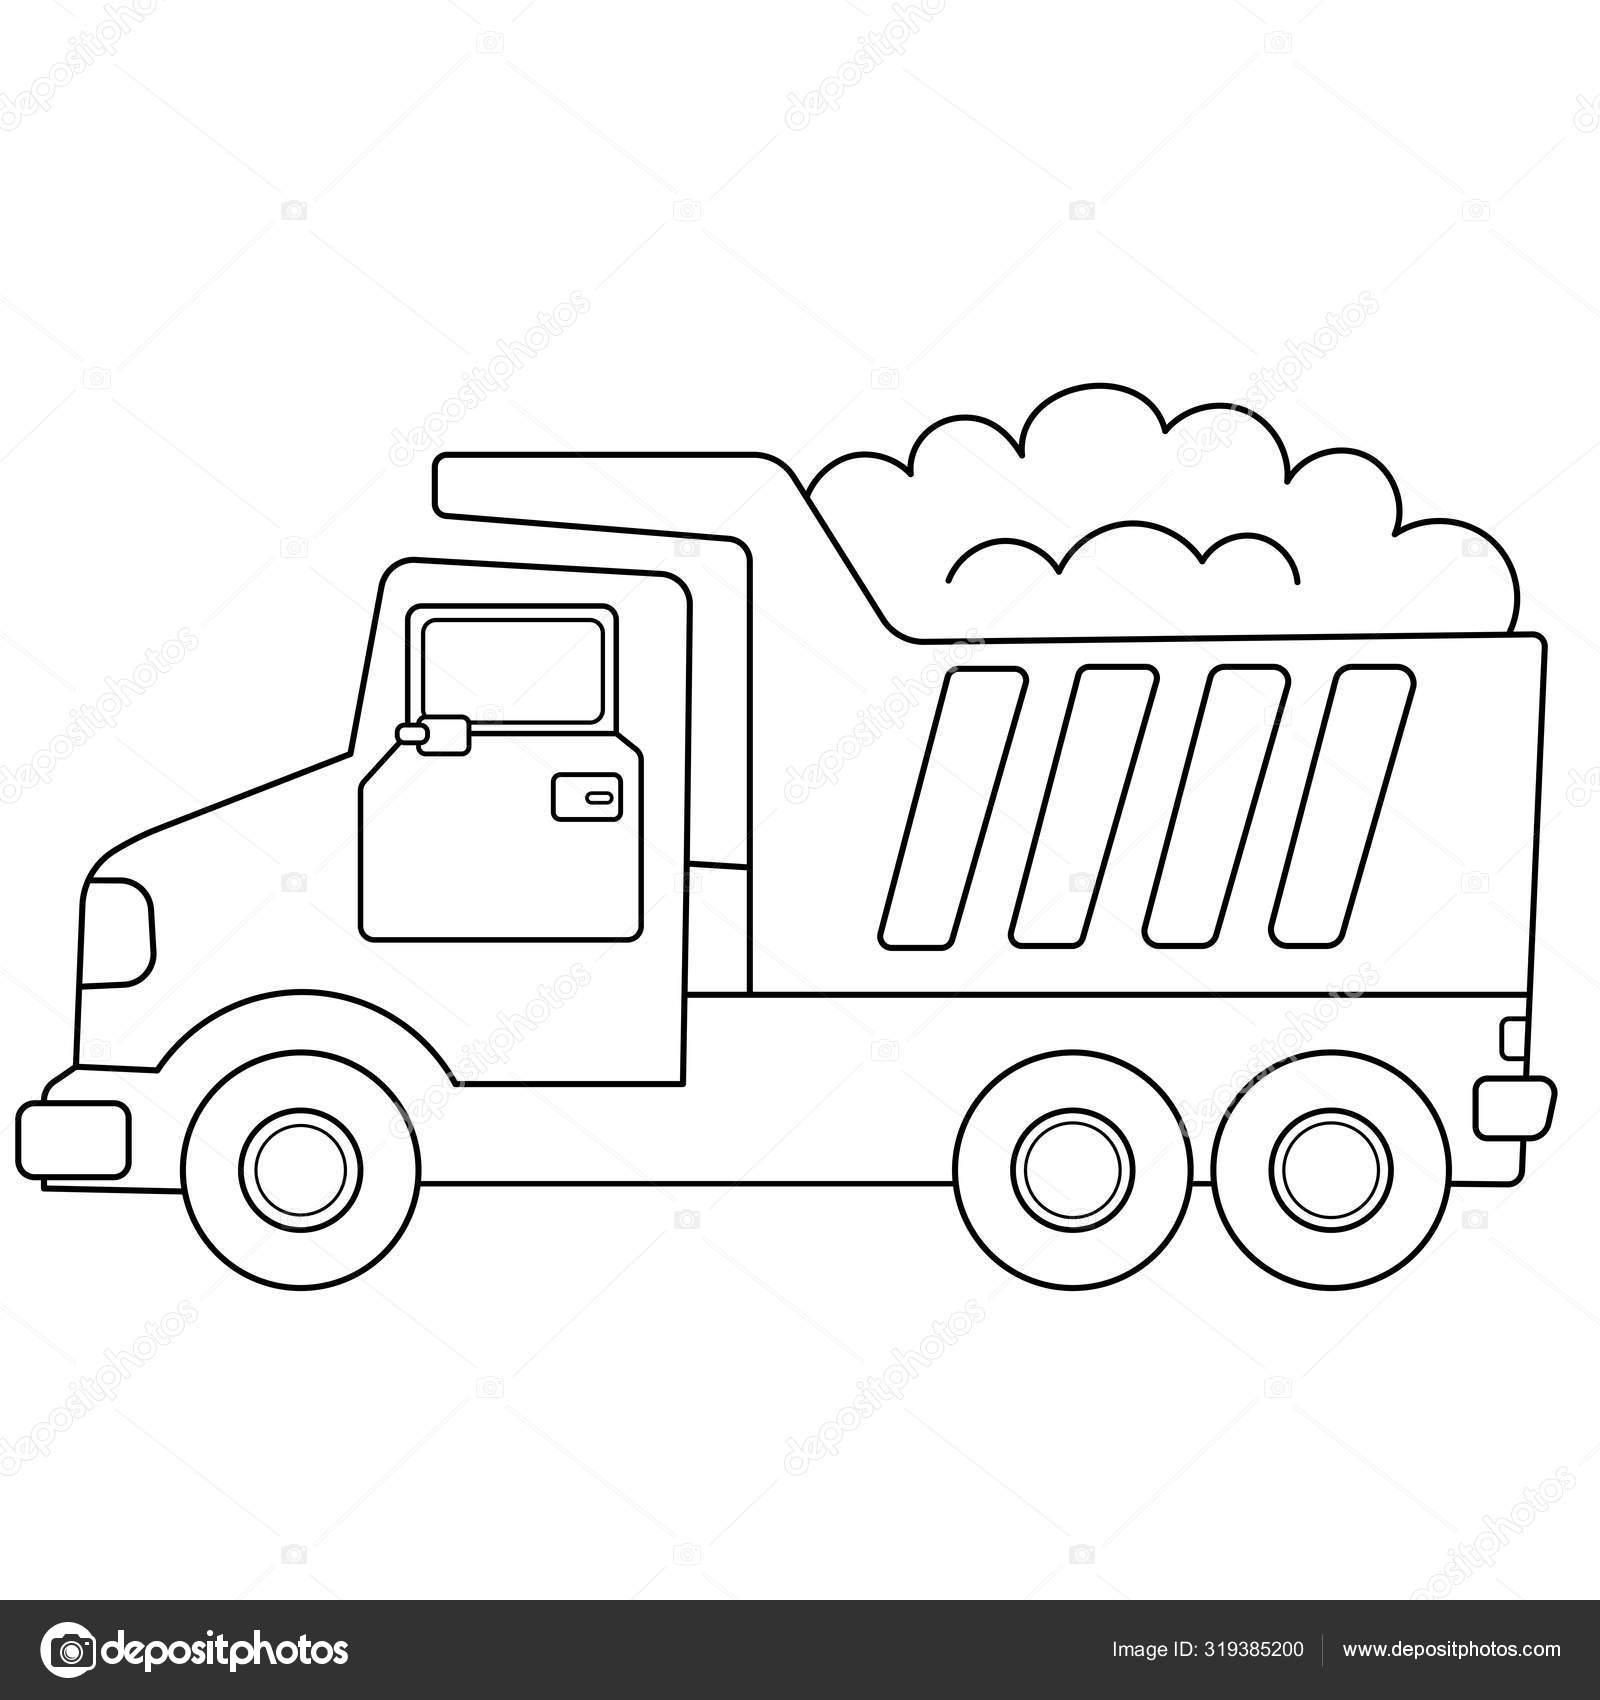 Kleurplaat Overzicht Van Cartoon Vrachtwagen Of Dumper Bouwvoertuigen Kleurboek Voor Kinderen Printen Online Vectorafbeelding Door C Oleon17 Vectorstock 319385200